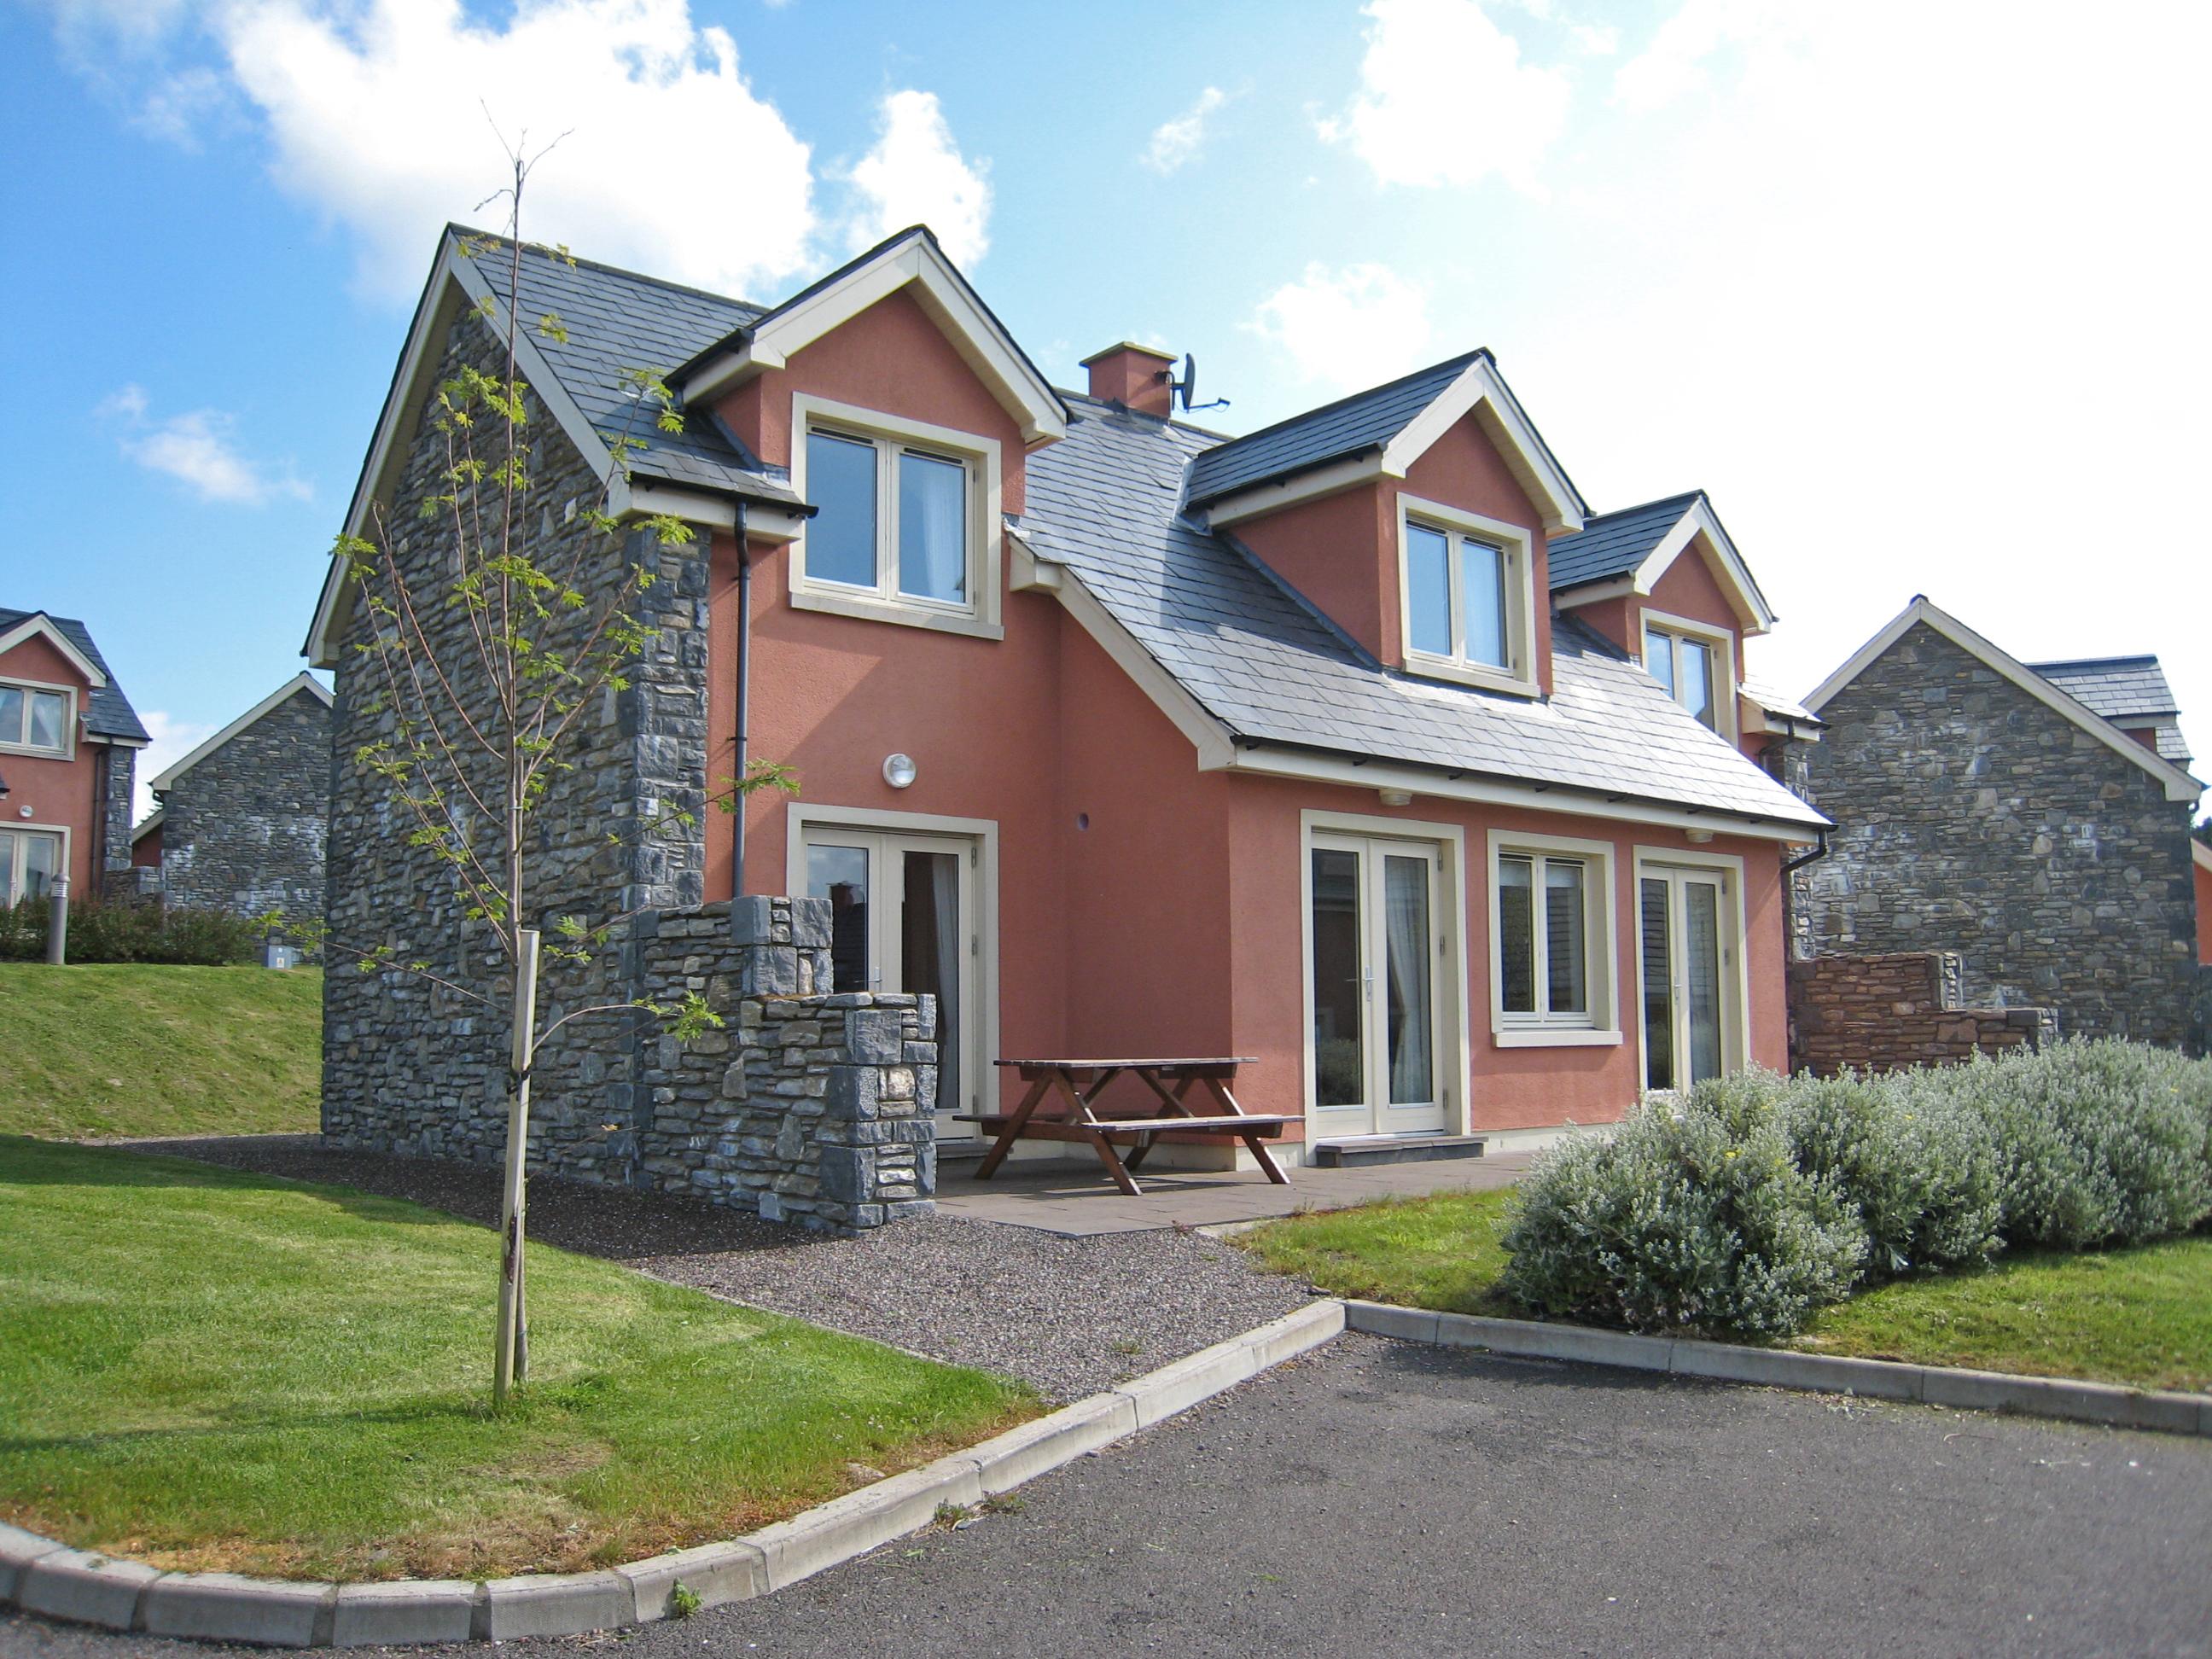 Vakantiehuis Ierland Huren Interhome